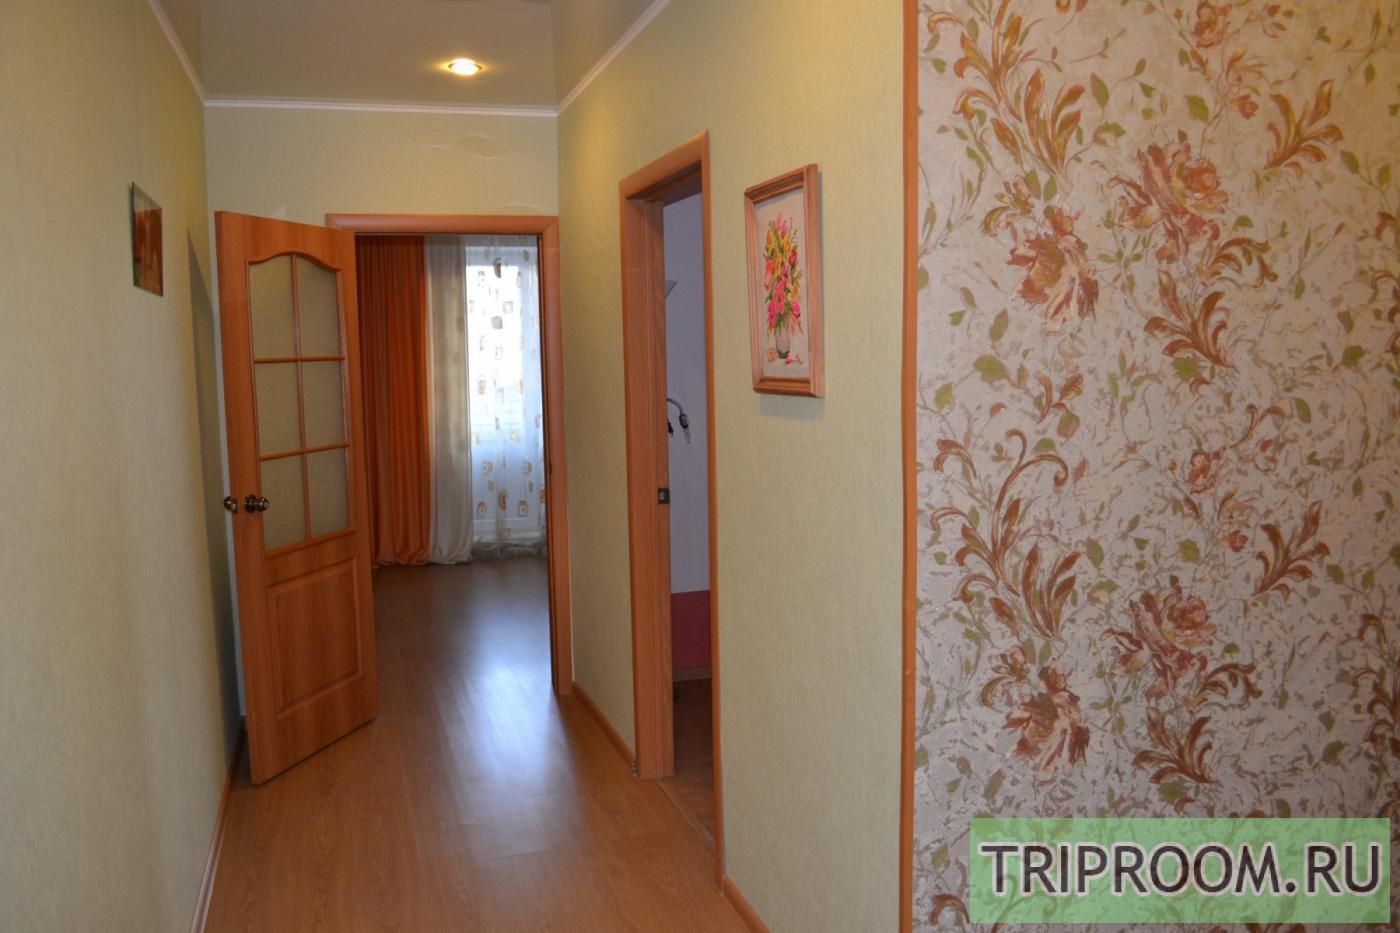 2-комнатная квартира посуточно (вариант № 36246), ул. Олимпийский бульвар, фото № 8